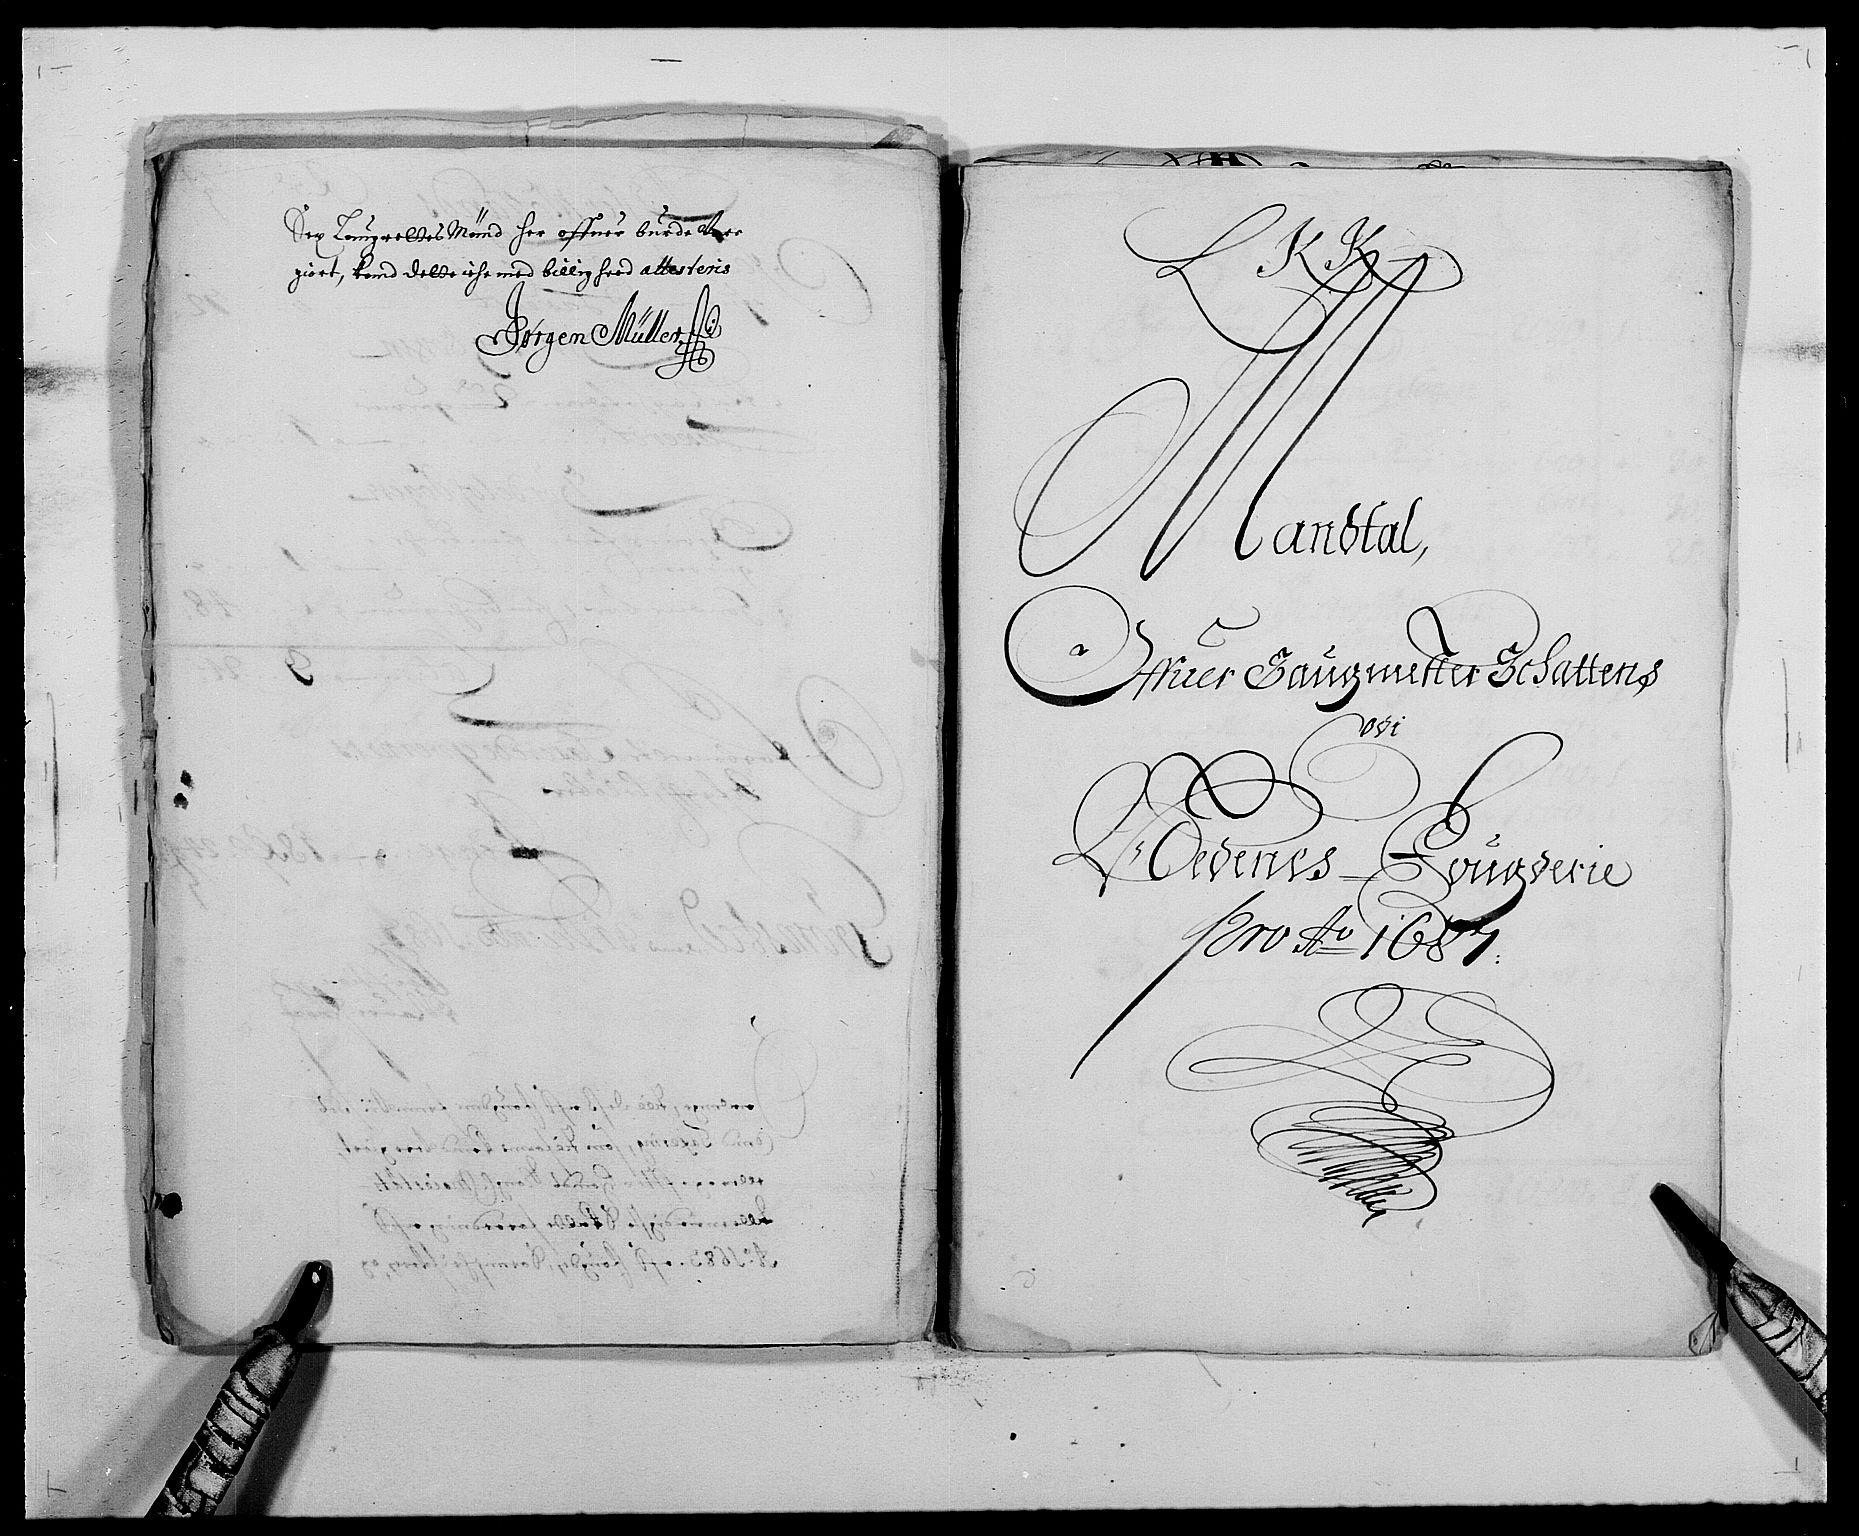 RA, Rentekammeret inntil 1814, Reviderte regnskaper, Fogderegnskap, R39/L2309: Fogderegnskap Nedenes, 1684-1689, s. 95